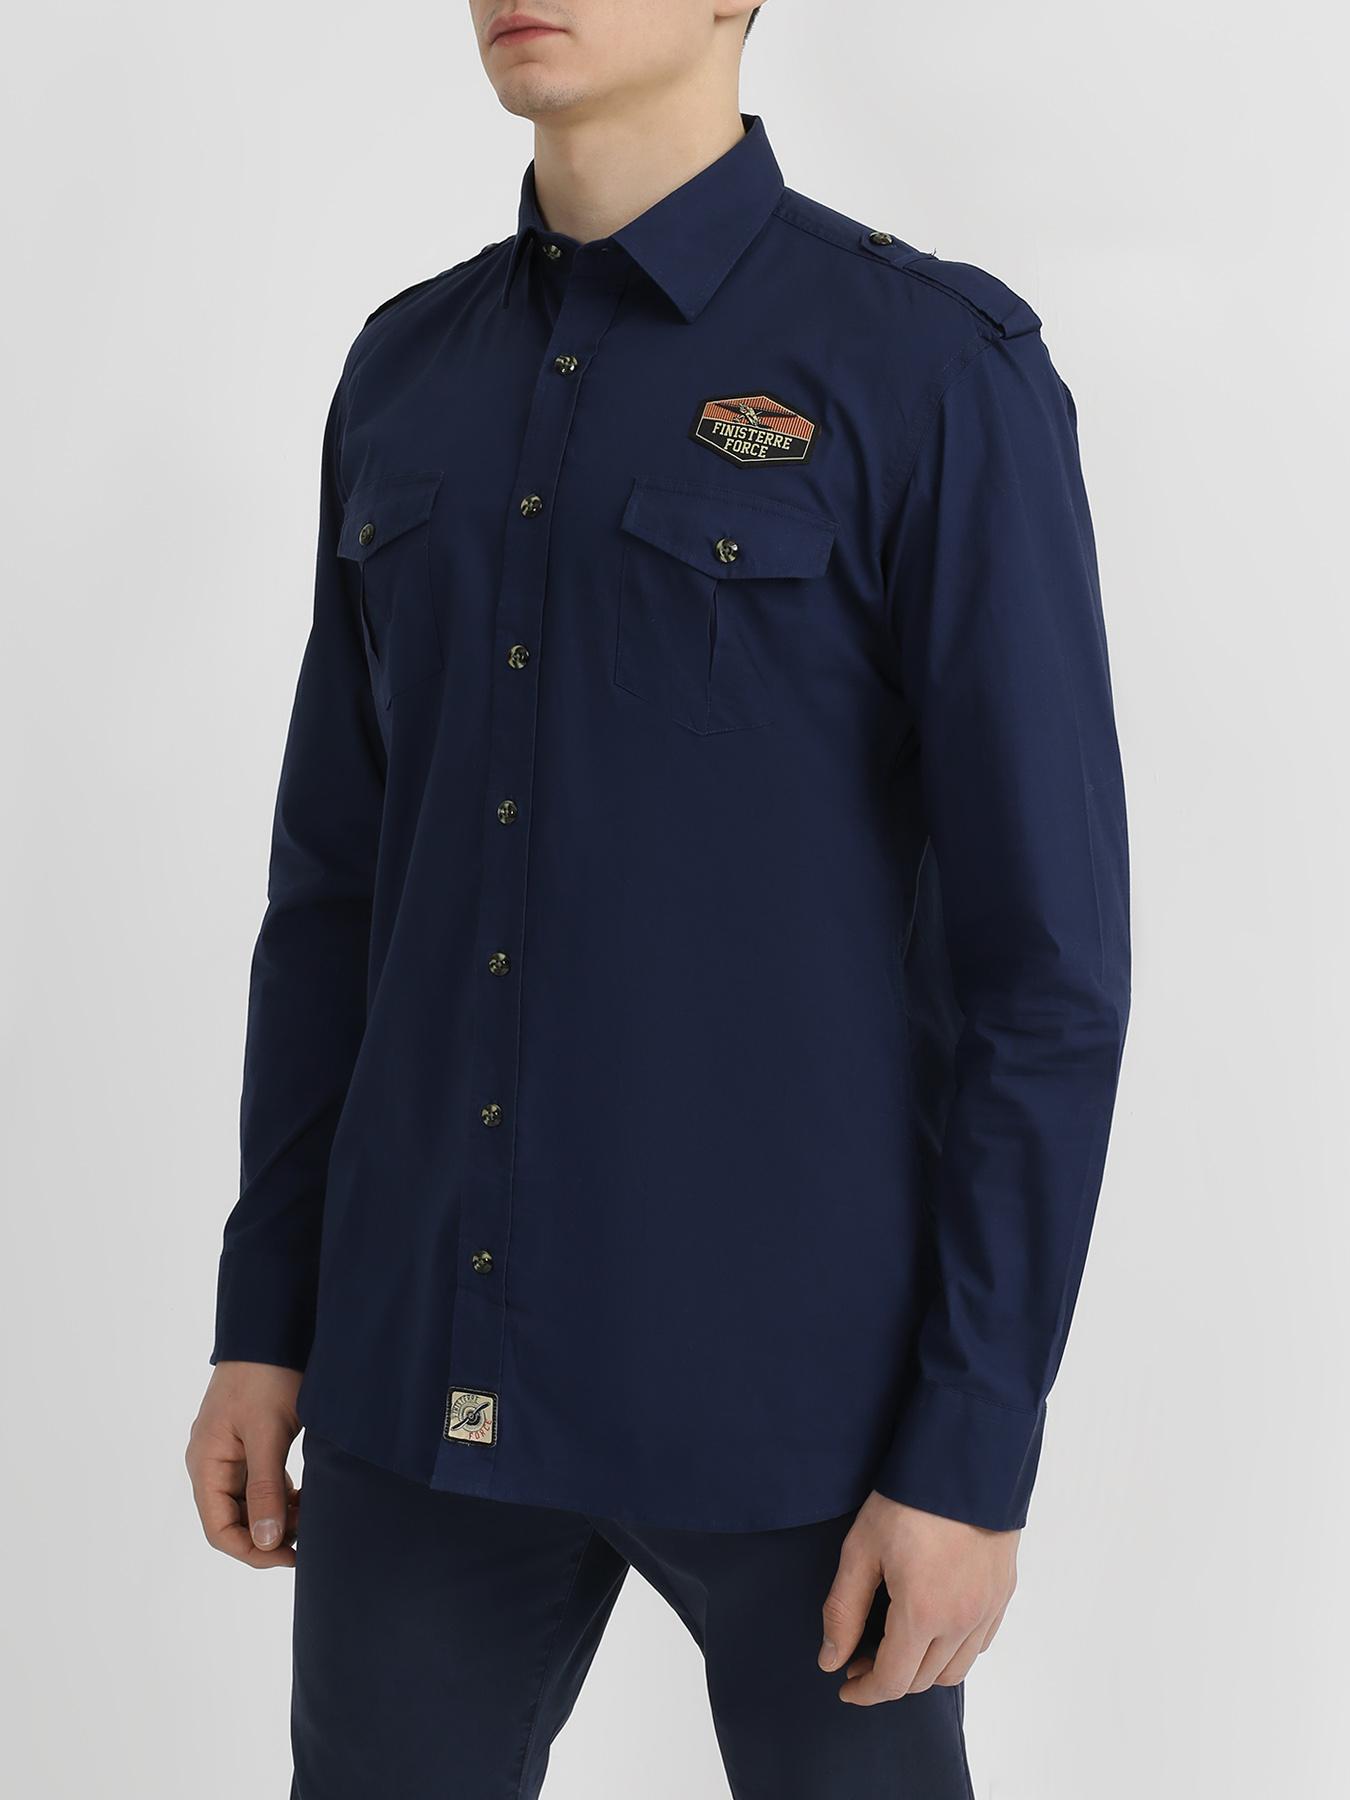 Рубашки Finisterre Force Рубашка с карманами на пуговицах жакет удлиненный с карманами на пуговицах